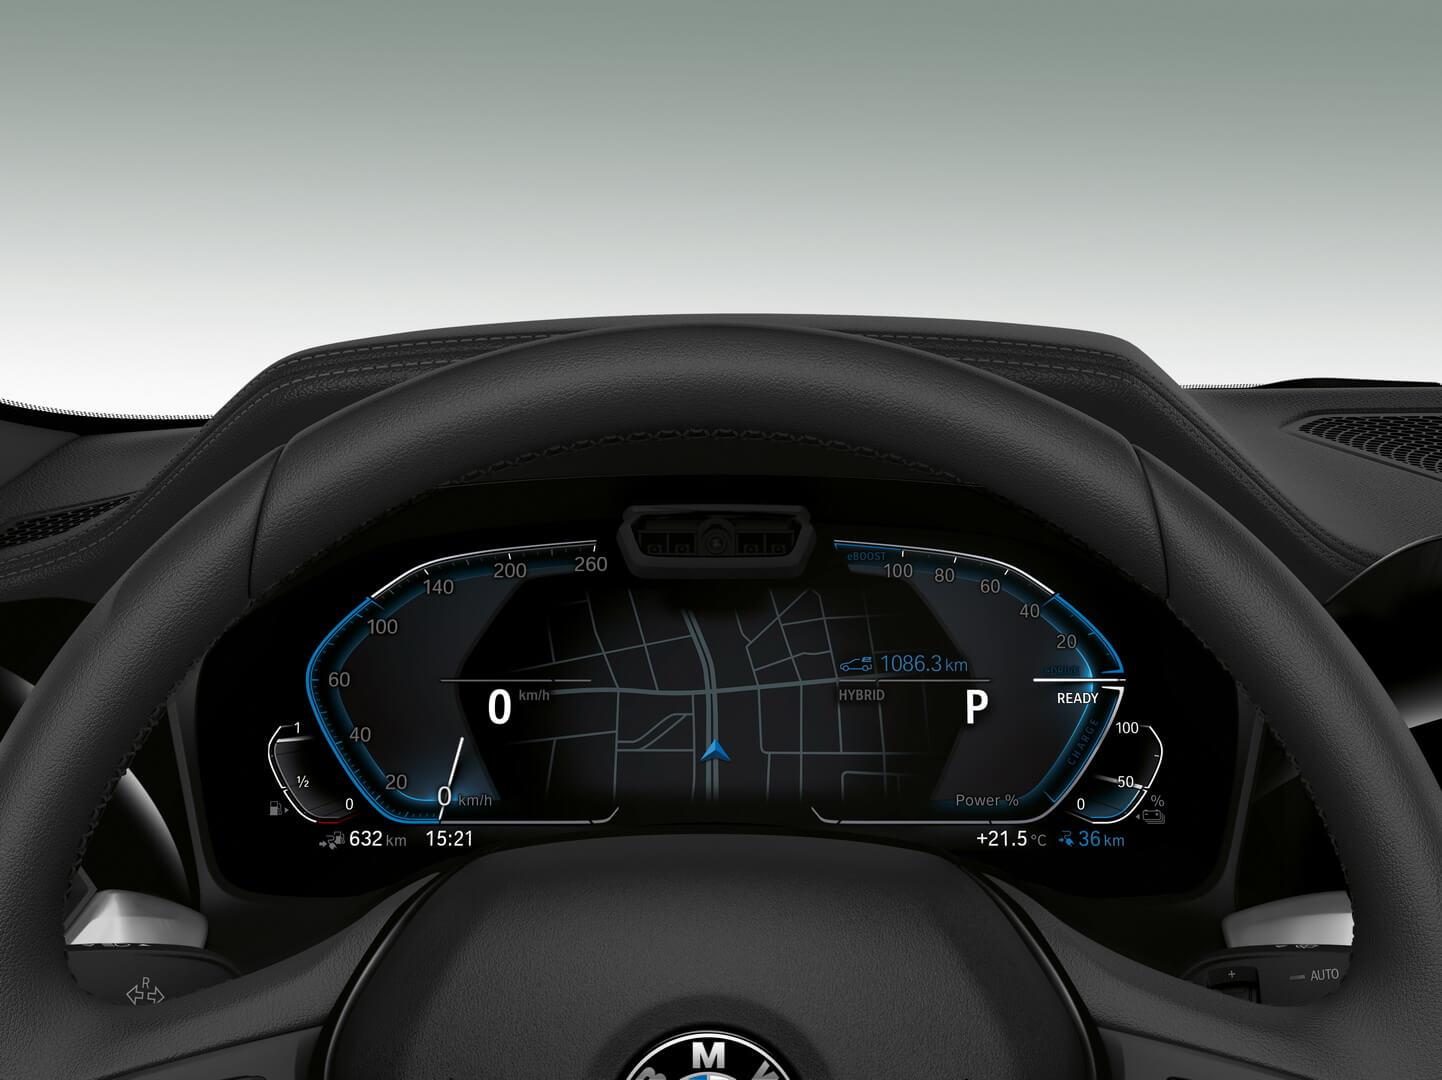 Дисплей приборной панели BMW 330e iPerformance